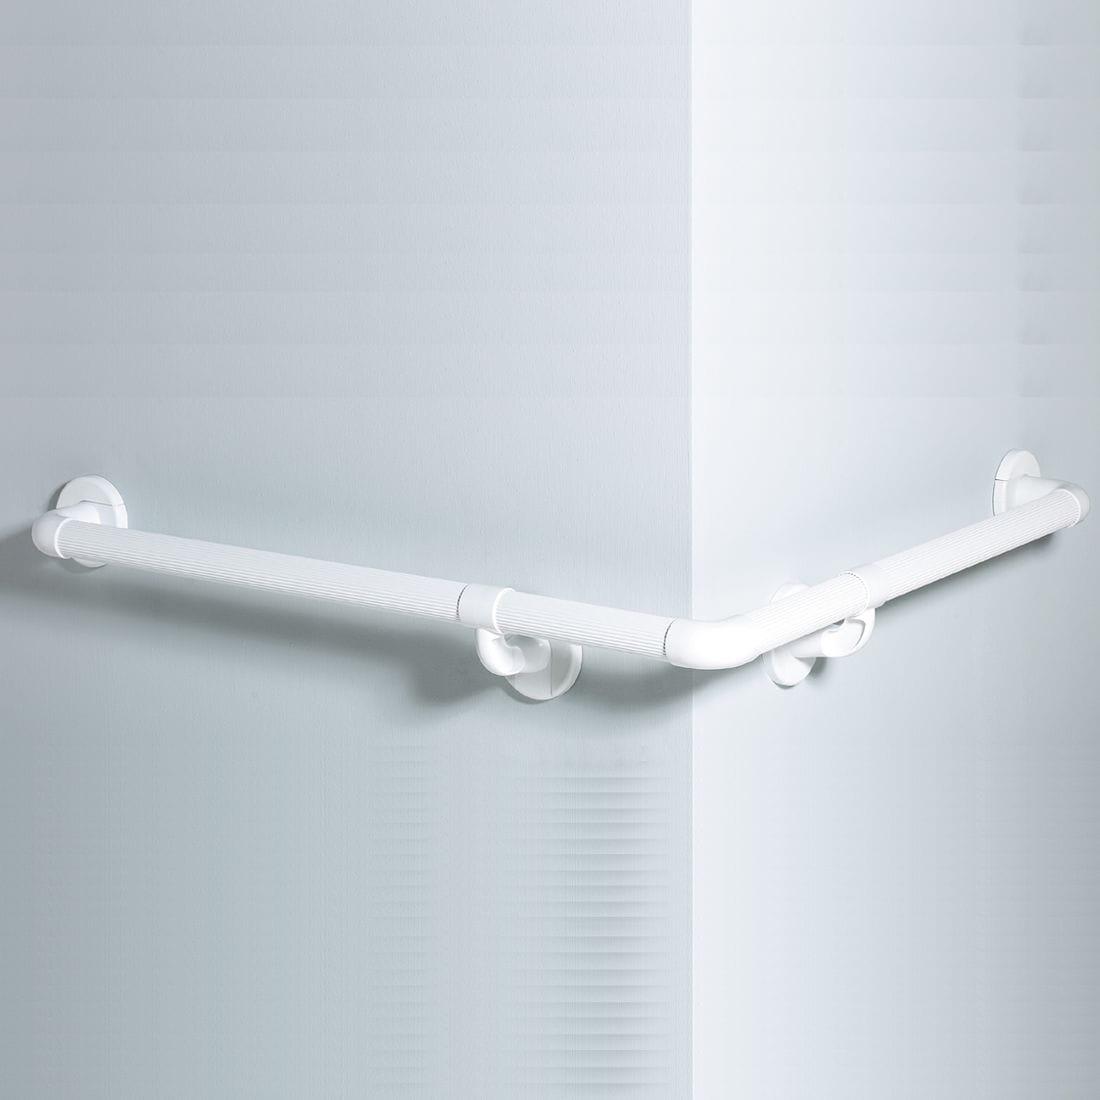 Agafadors rail system barra recta de 80 cm